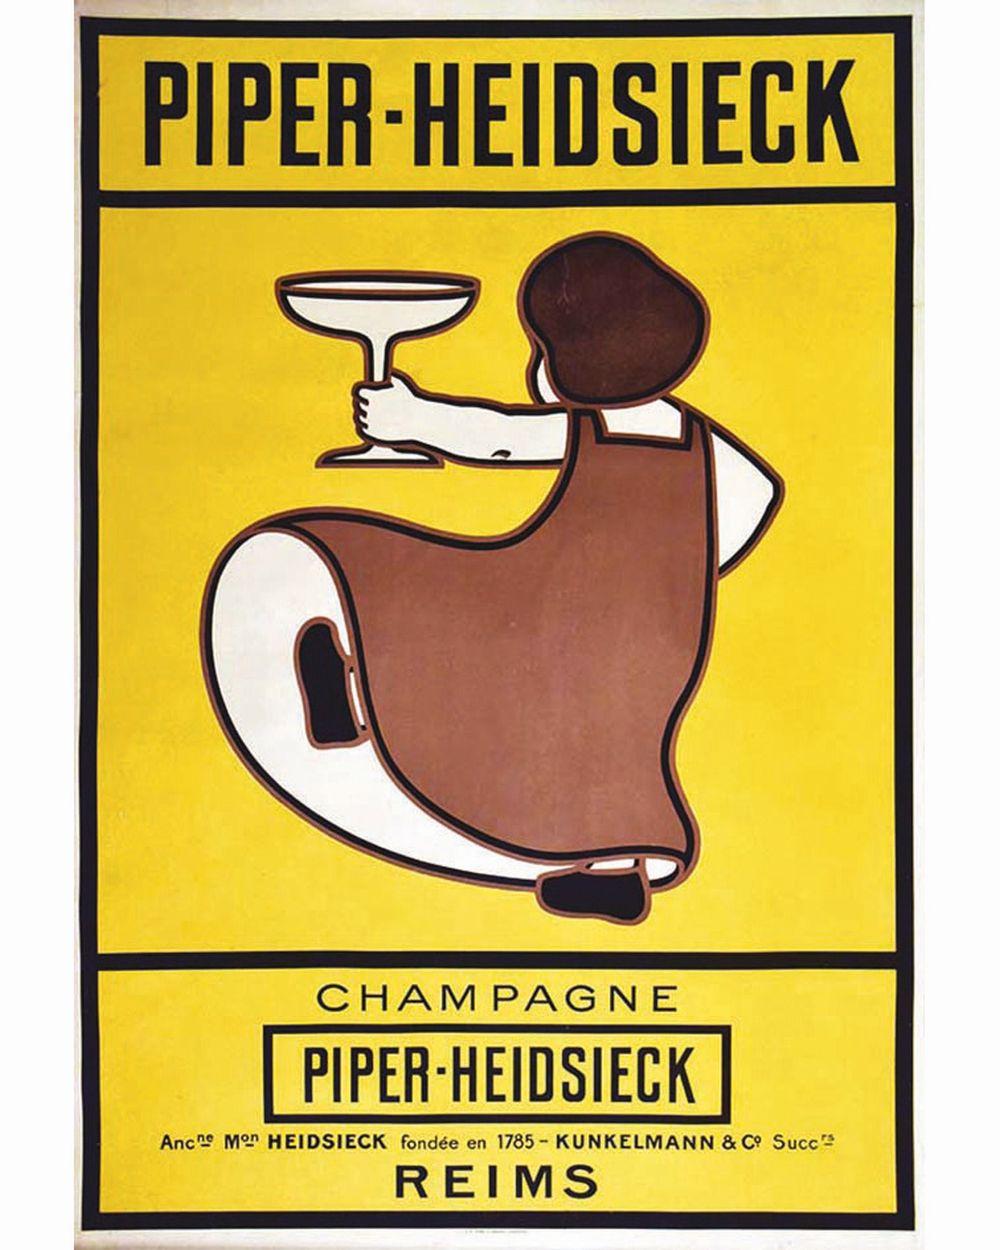 Champagne Piper-Heidsieck Ancienne Maison Heidsieck, fondée en 1785. Kunkelmann & Co successeurs.     vers 1900  Reims (Marne)